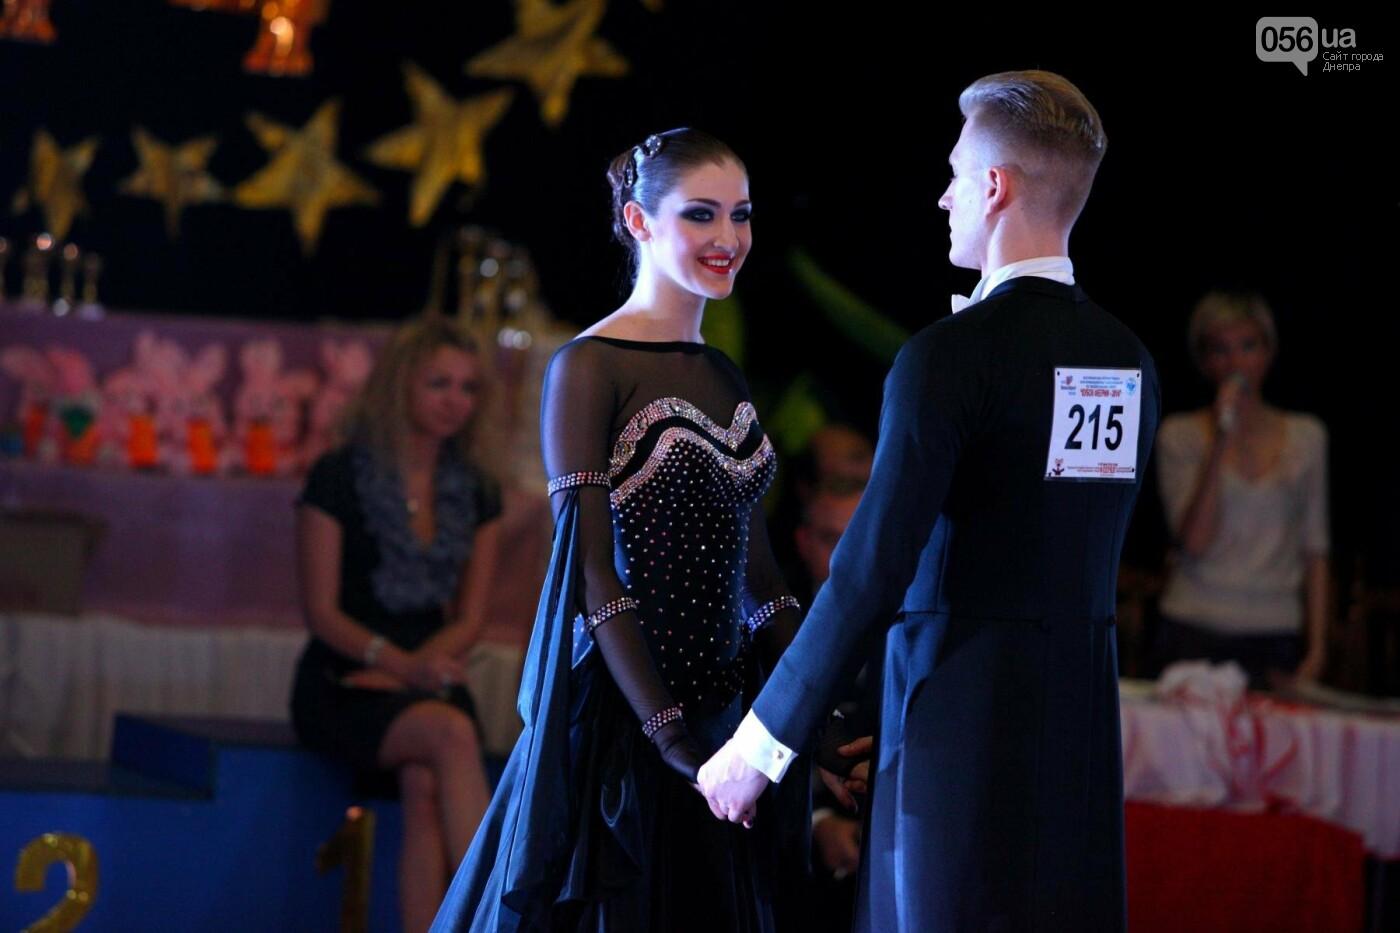 Хореограф Венского Бала Оксана Панибратец о том, как обучить бревно танцам, фото-5